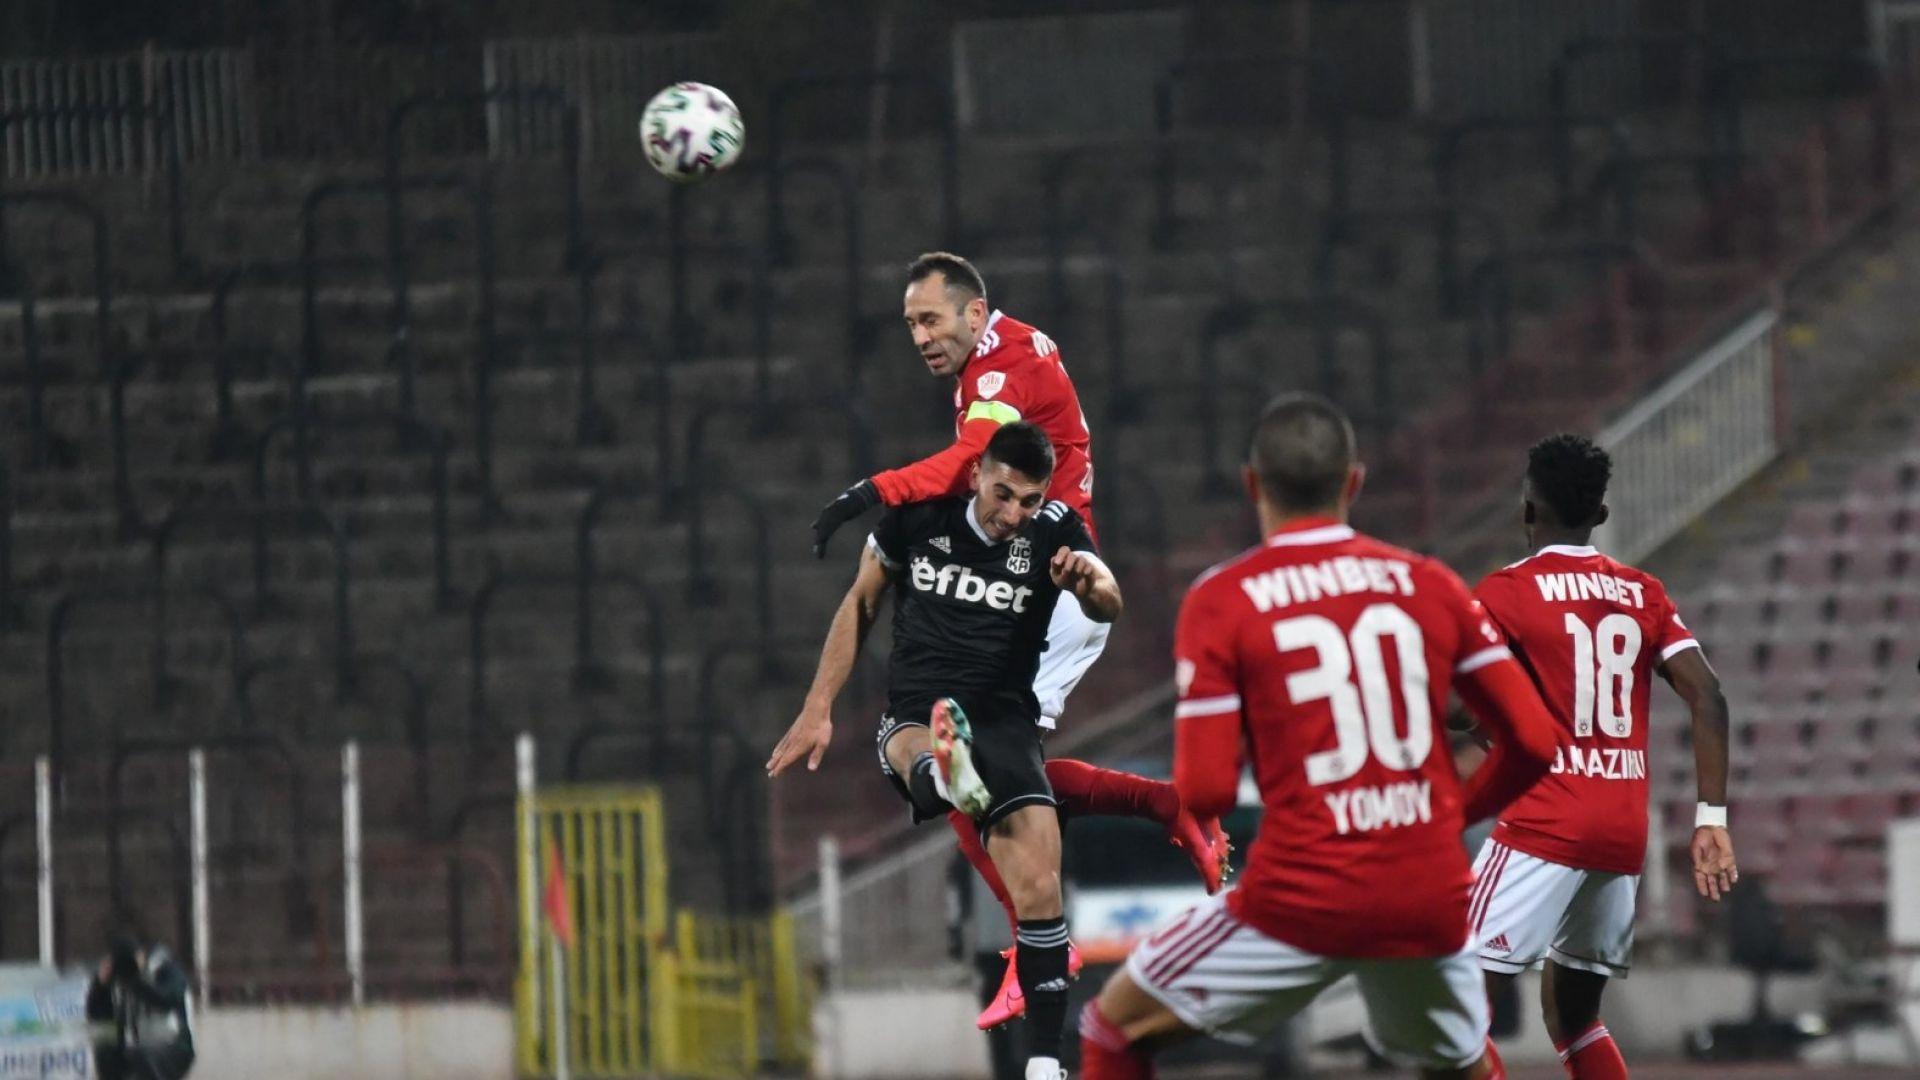 Заплаха за бойкот на мача на двата тима с име ЦСКА, след като БФС отказа да го отложи